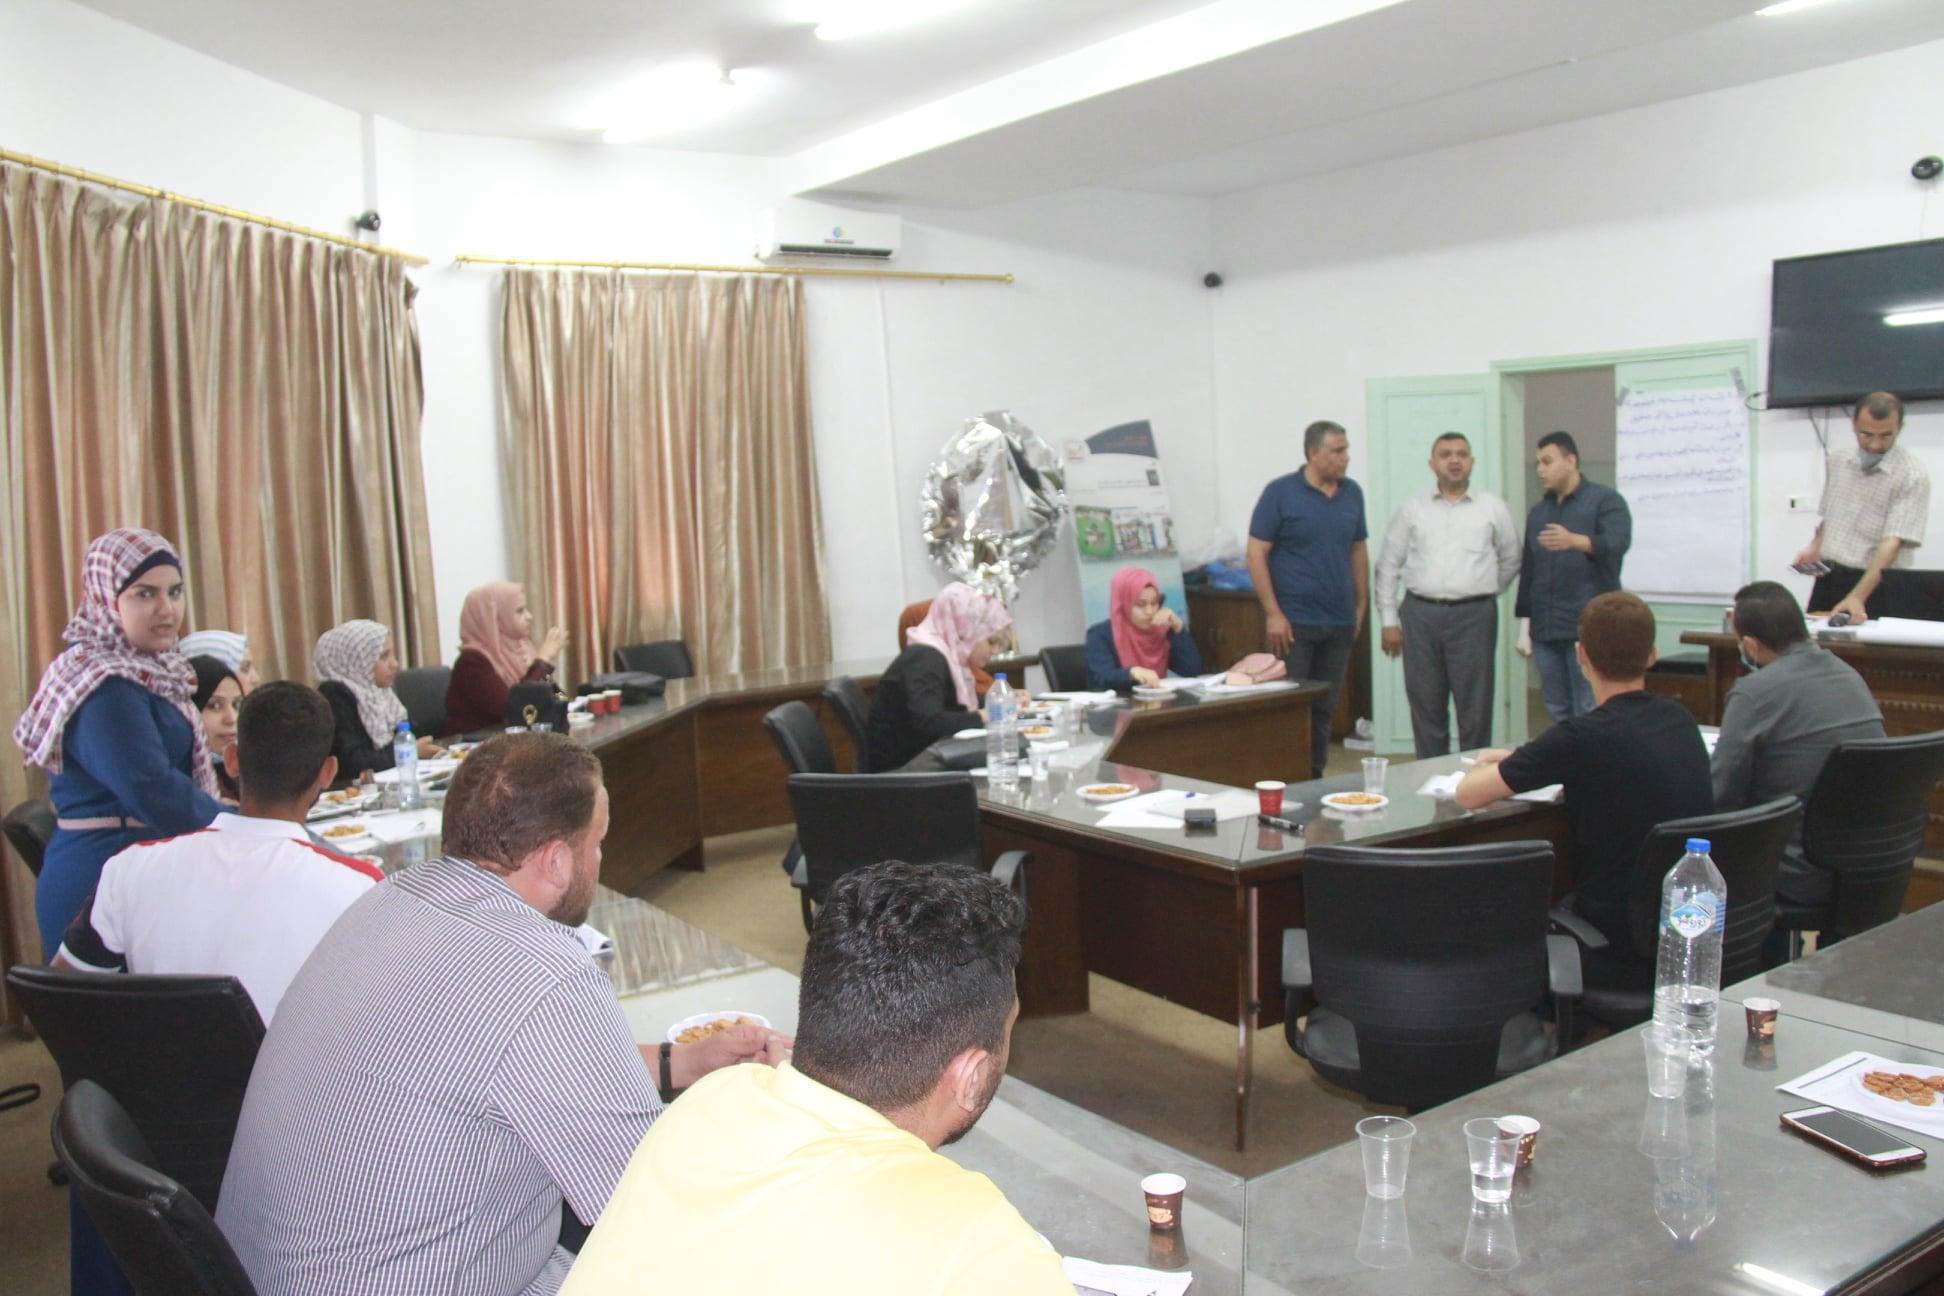 رئيس بلدية دير البلح يؤكد على دور الشباب في خدمة المجتمع المحلي